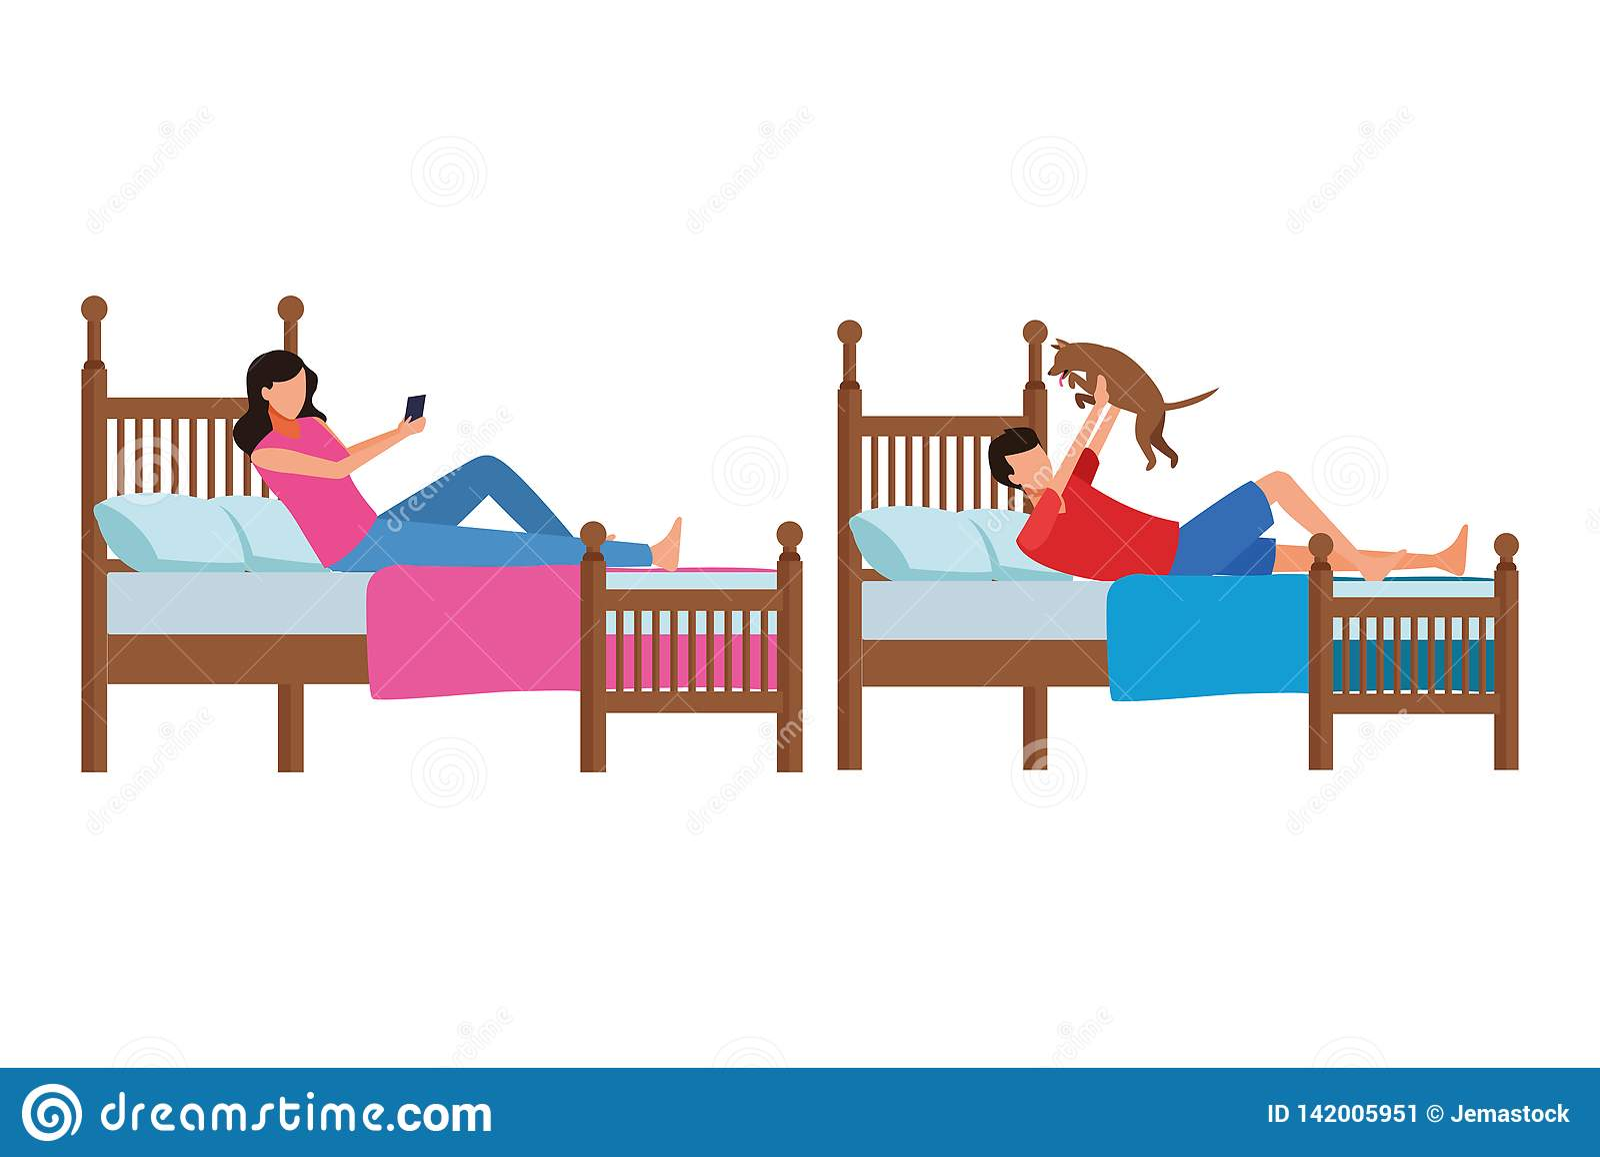 Sala da cama gêmea e povos sem cara